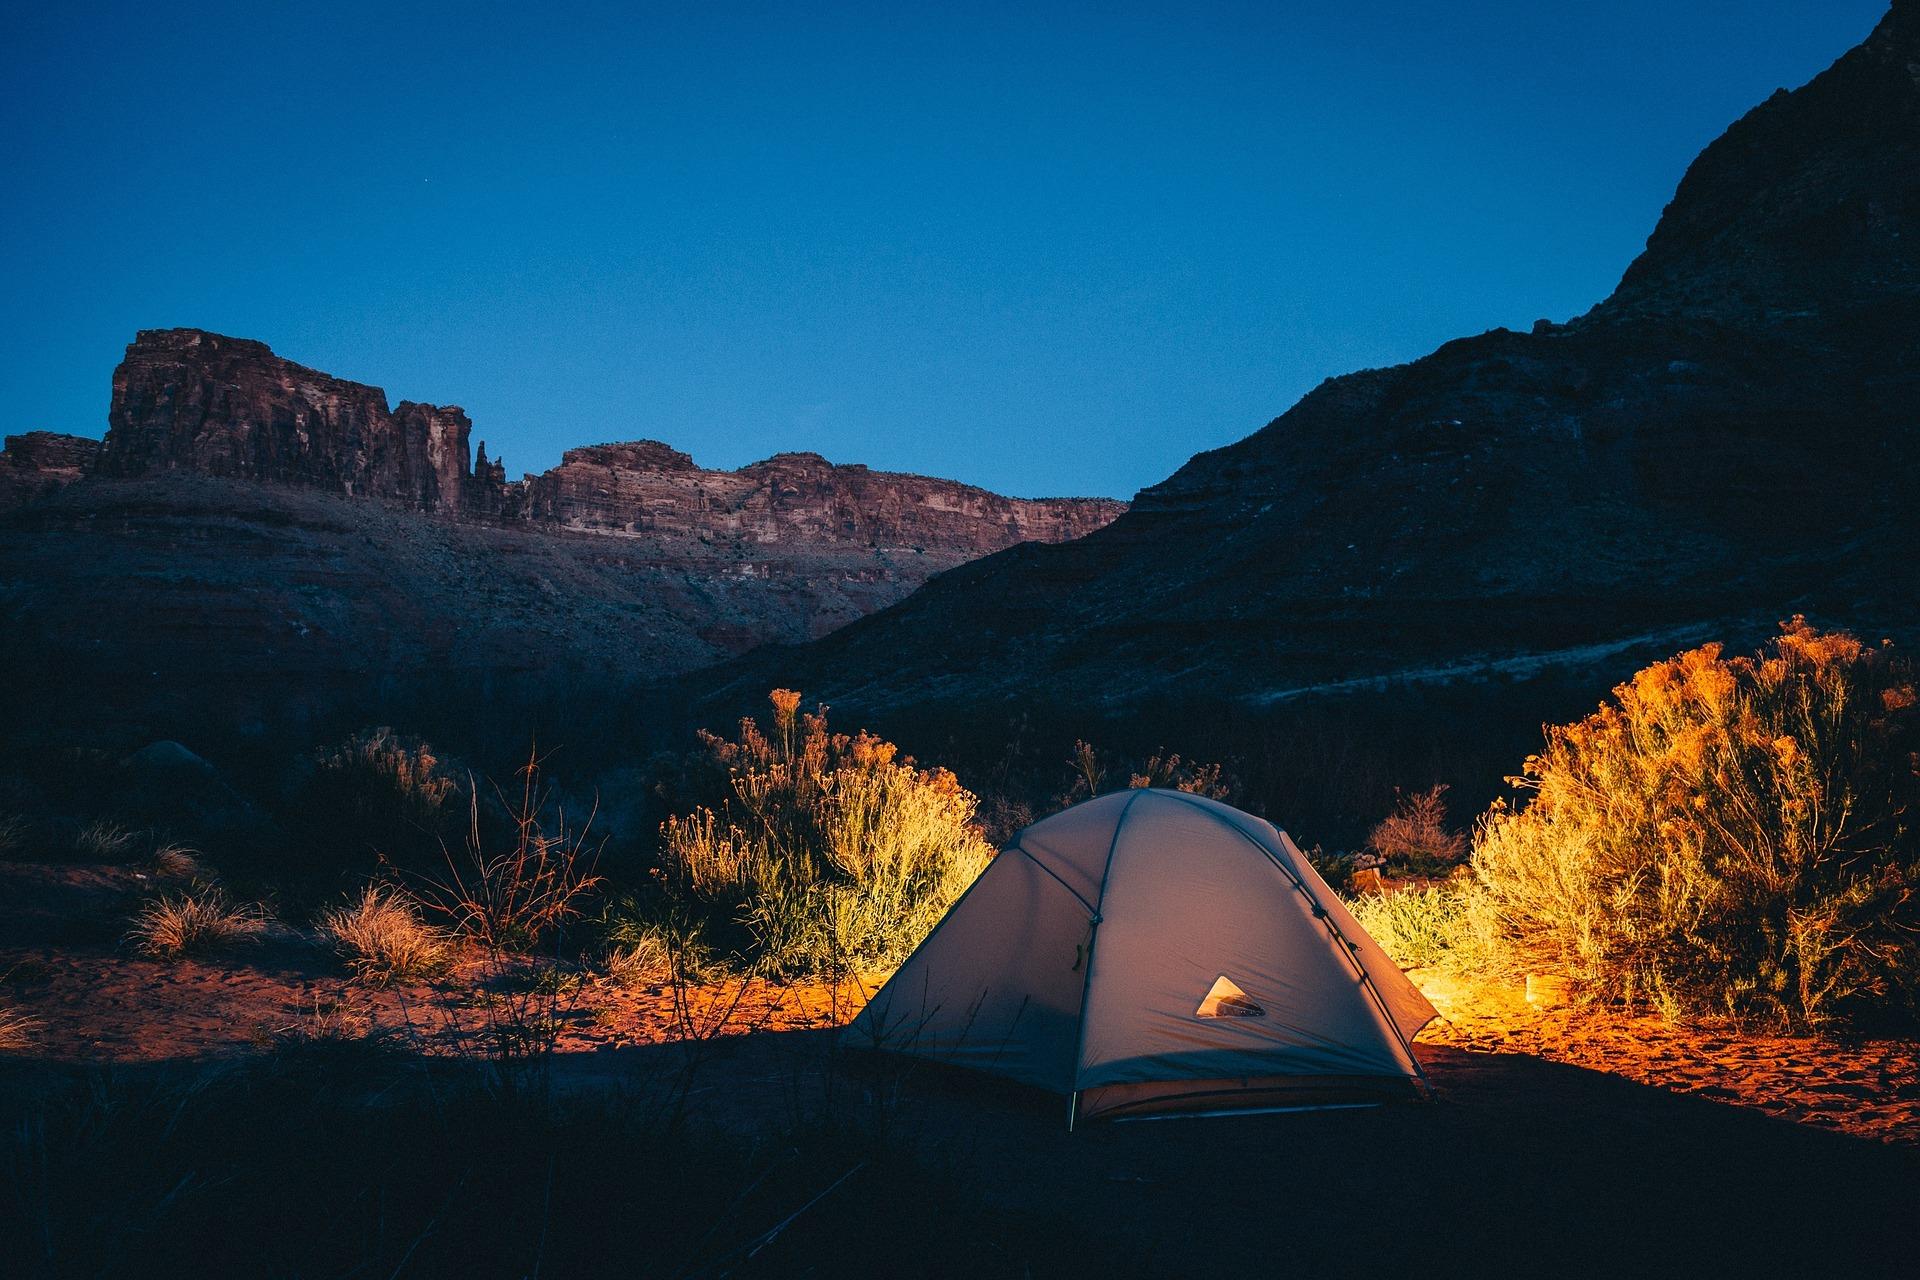 おすすめ寝袋は万が一の災害時やキャンプに重宝します!!